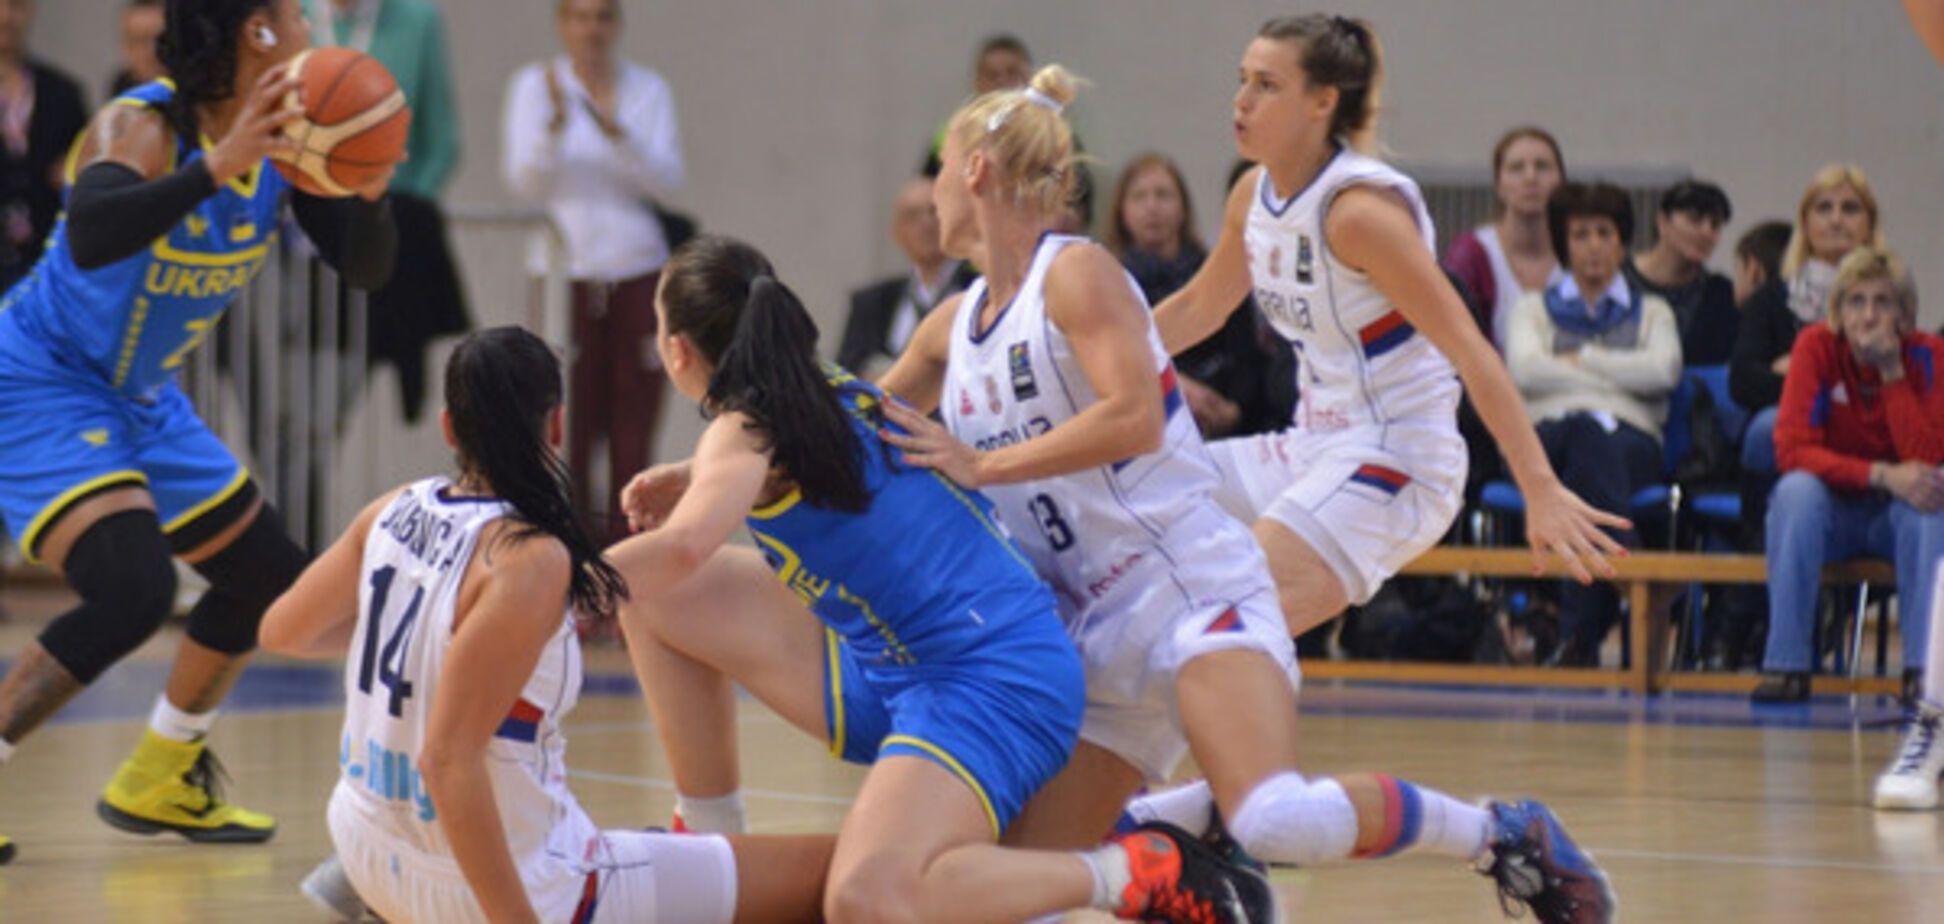 Украинская баскетболистка впечатлила суперпасом: опубликовано видео